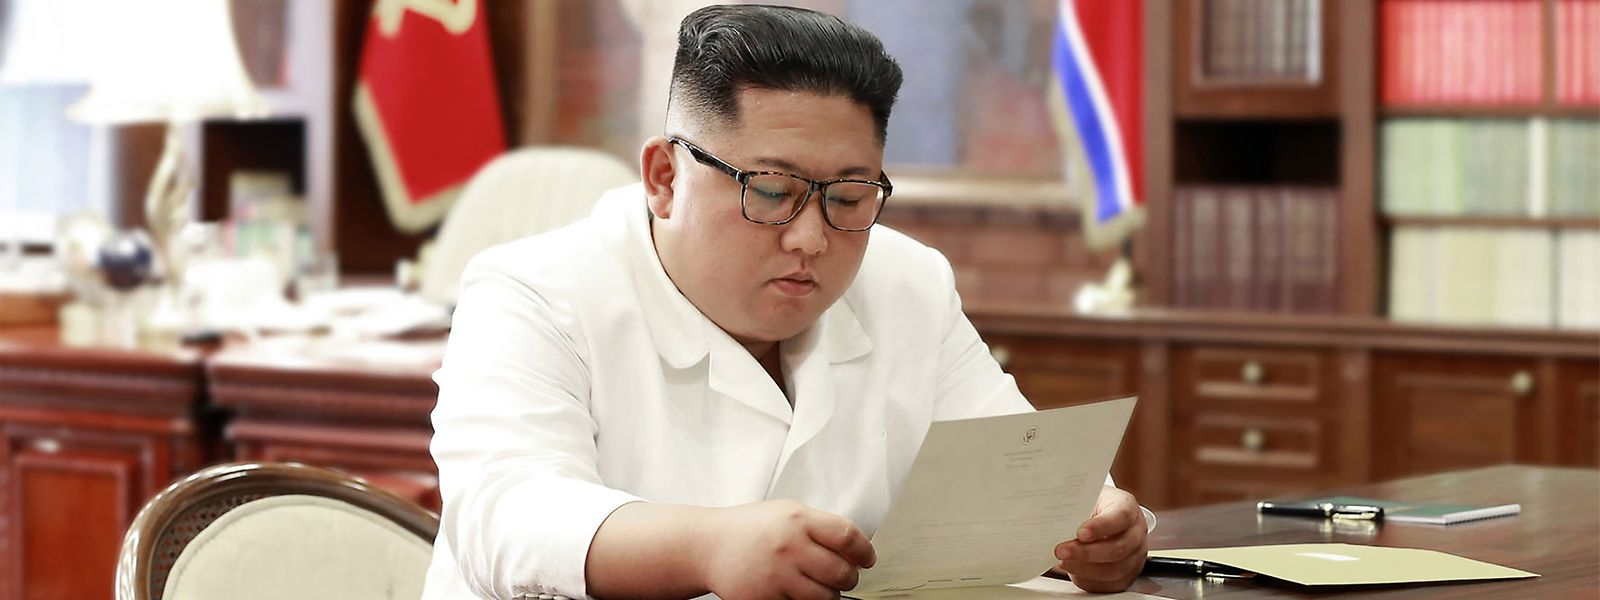 Kim Jong-Un a ler uma carta enviada por Donald Trump. A foto foi divulgada a 23 de junho de 2019 pela agência de notícias da Coreia do Norte (KCNA).